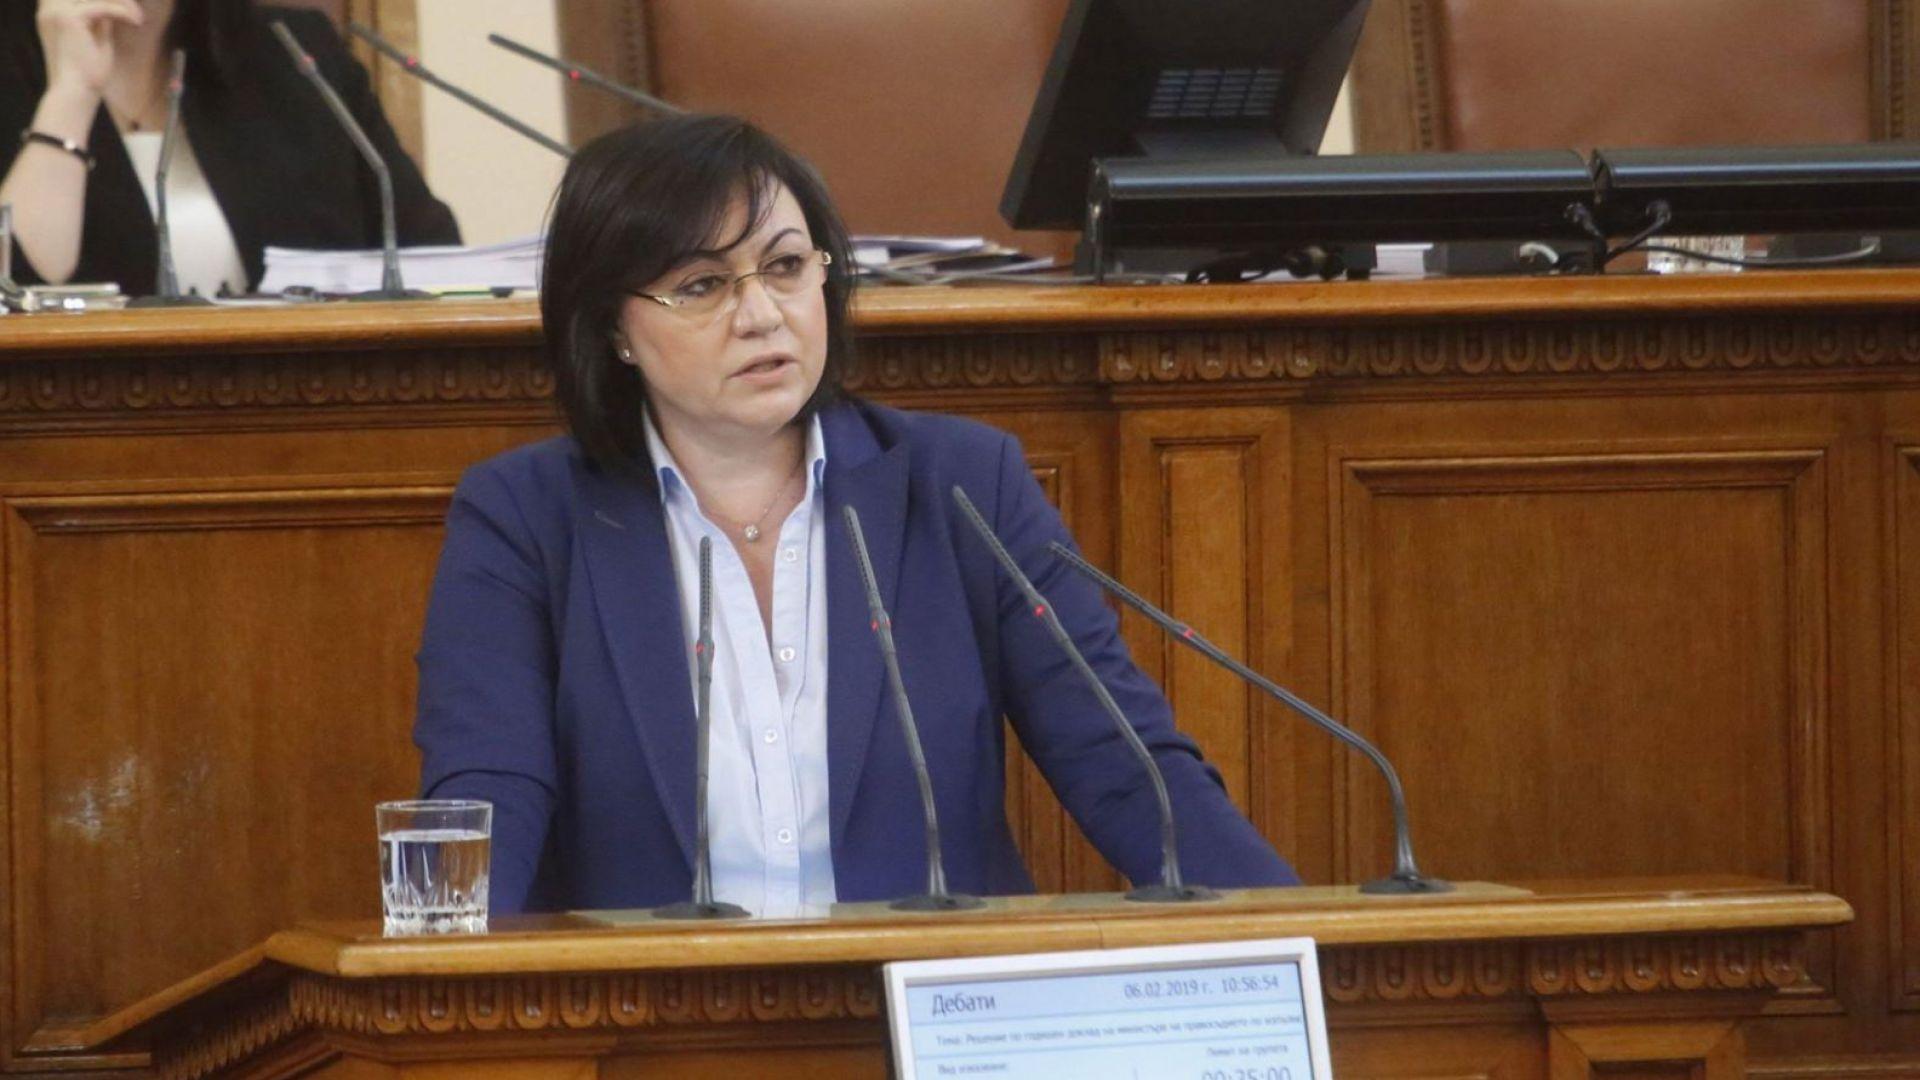 Нинова към Борисов: Кога ще заведете дело срещу себе си?